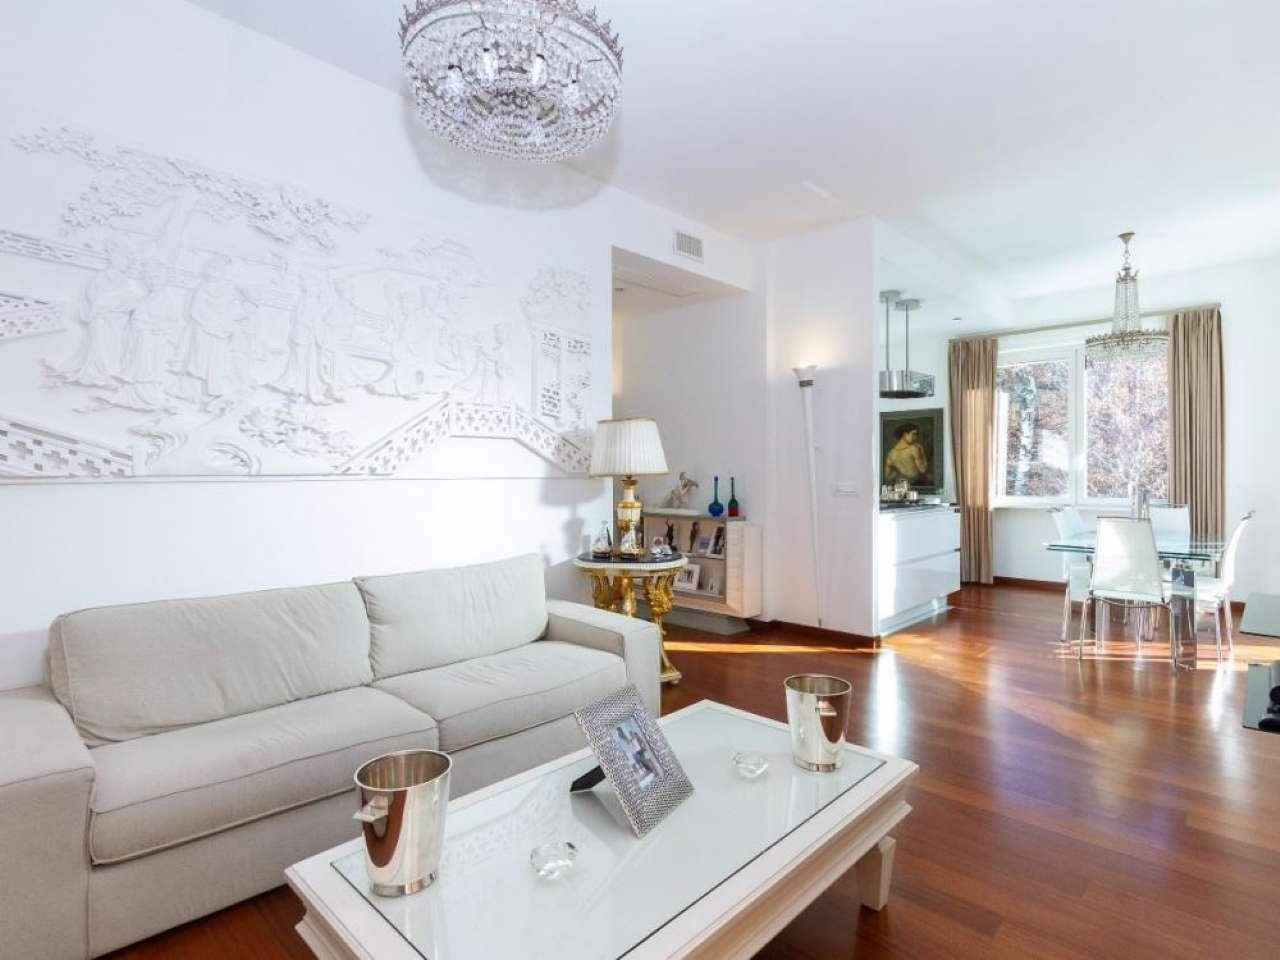 Foto 1 di Villa strada comunale DI CAVORETTO, Torino (zona Precollina, Collina)